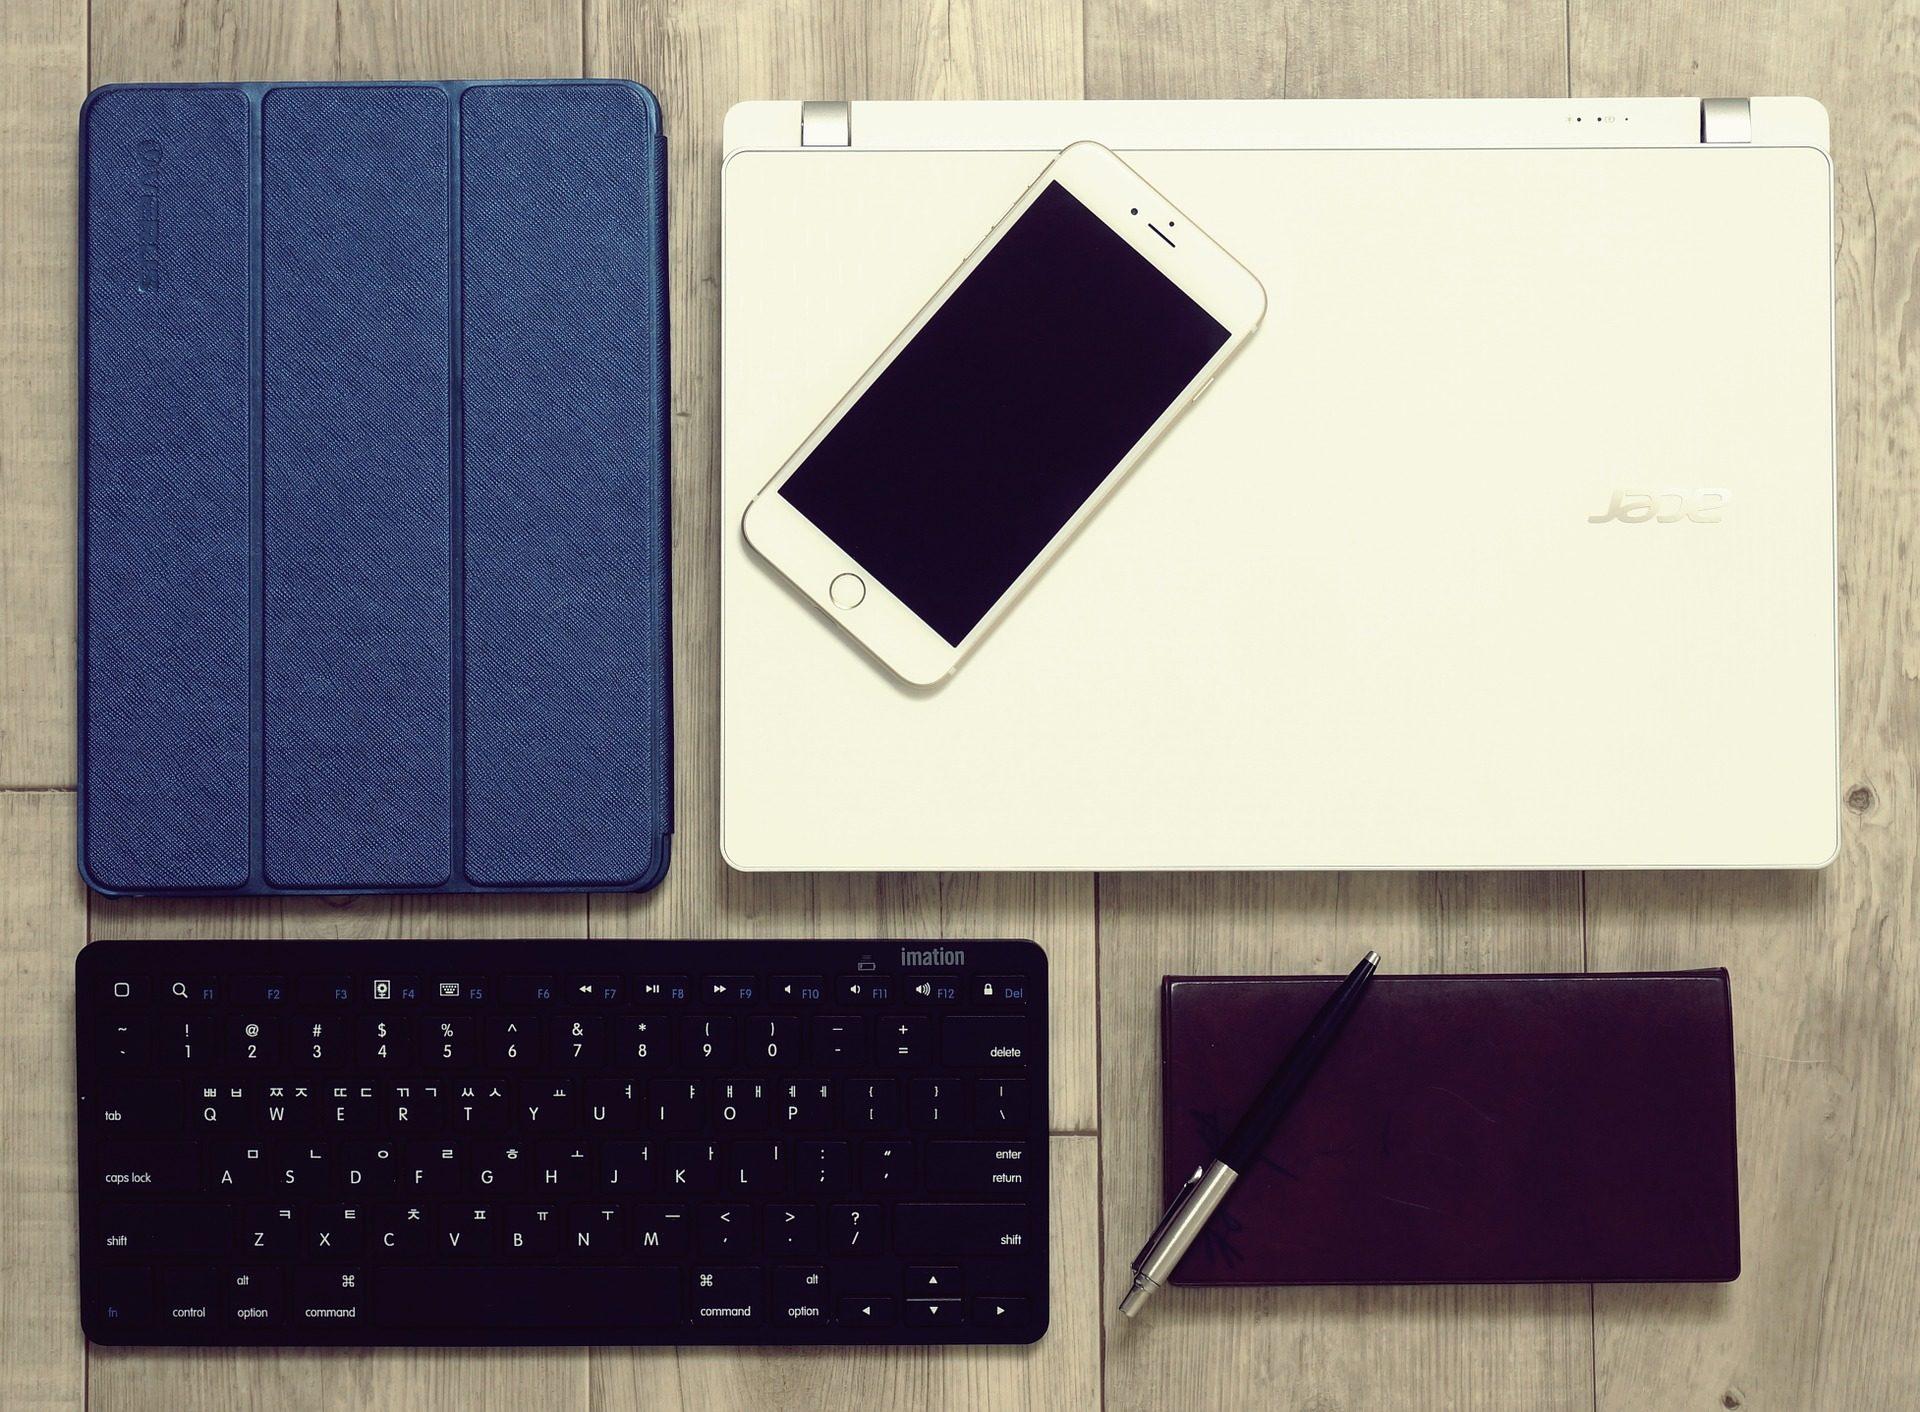 Ufficio, computer, portatile, telefono, Mobile, tastiera, Compressa, business - Sfondi HD - Professor-falken.com